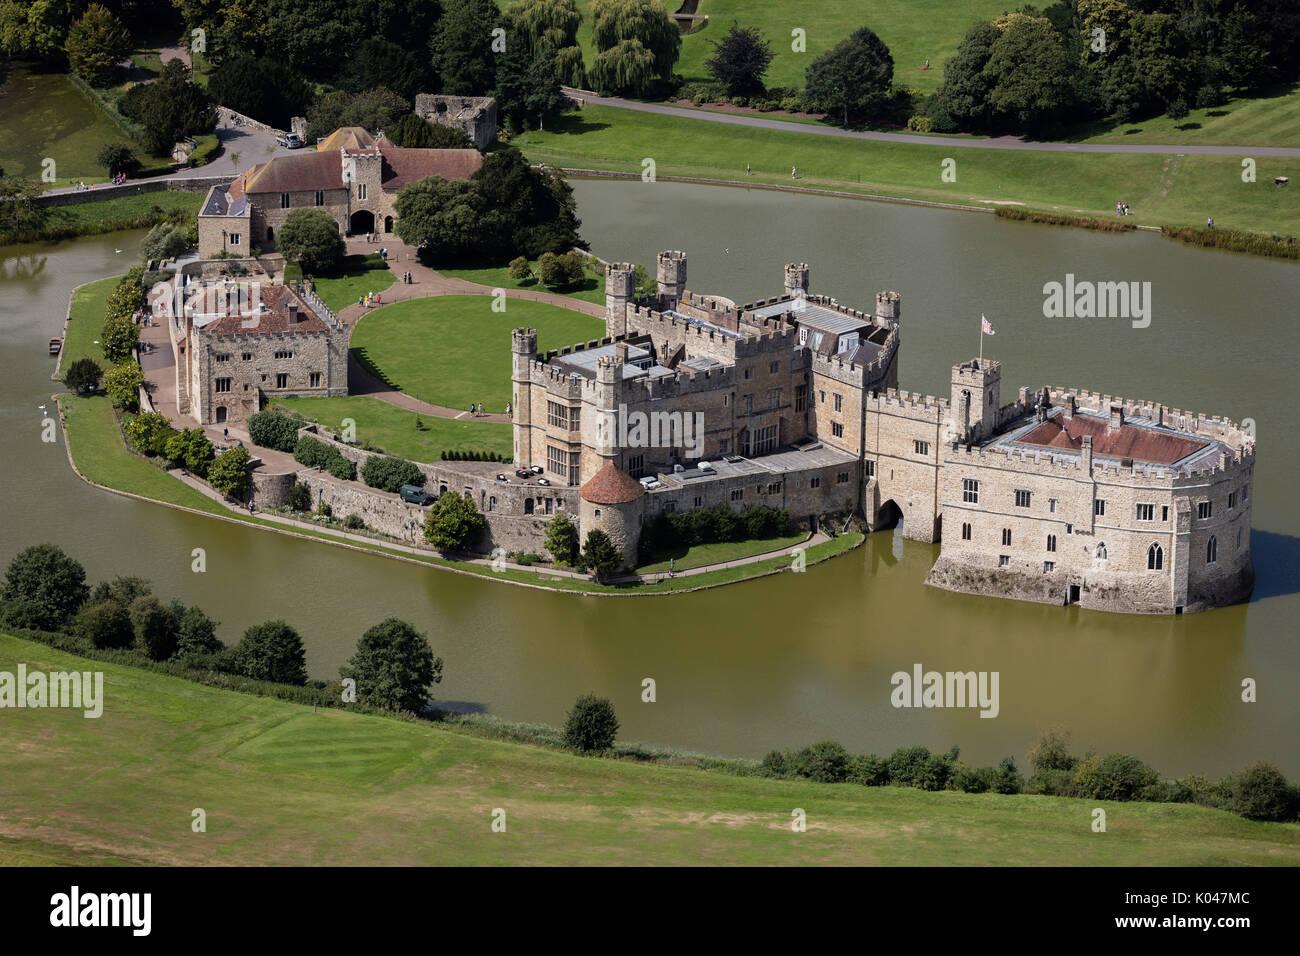 Una veduta aerea del castello di Leeds, Kent. Immagini Stock